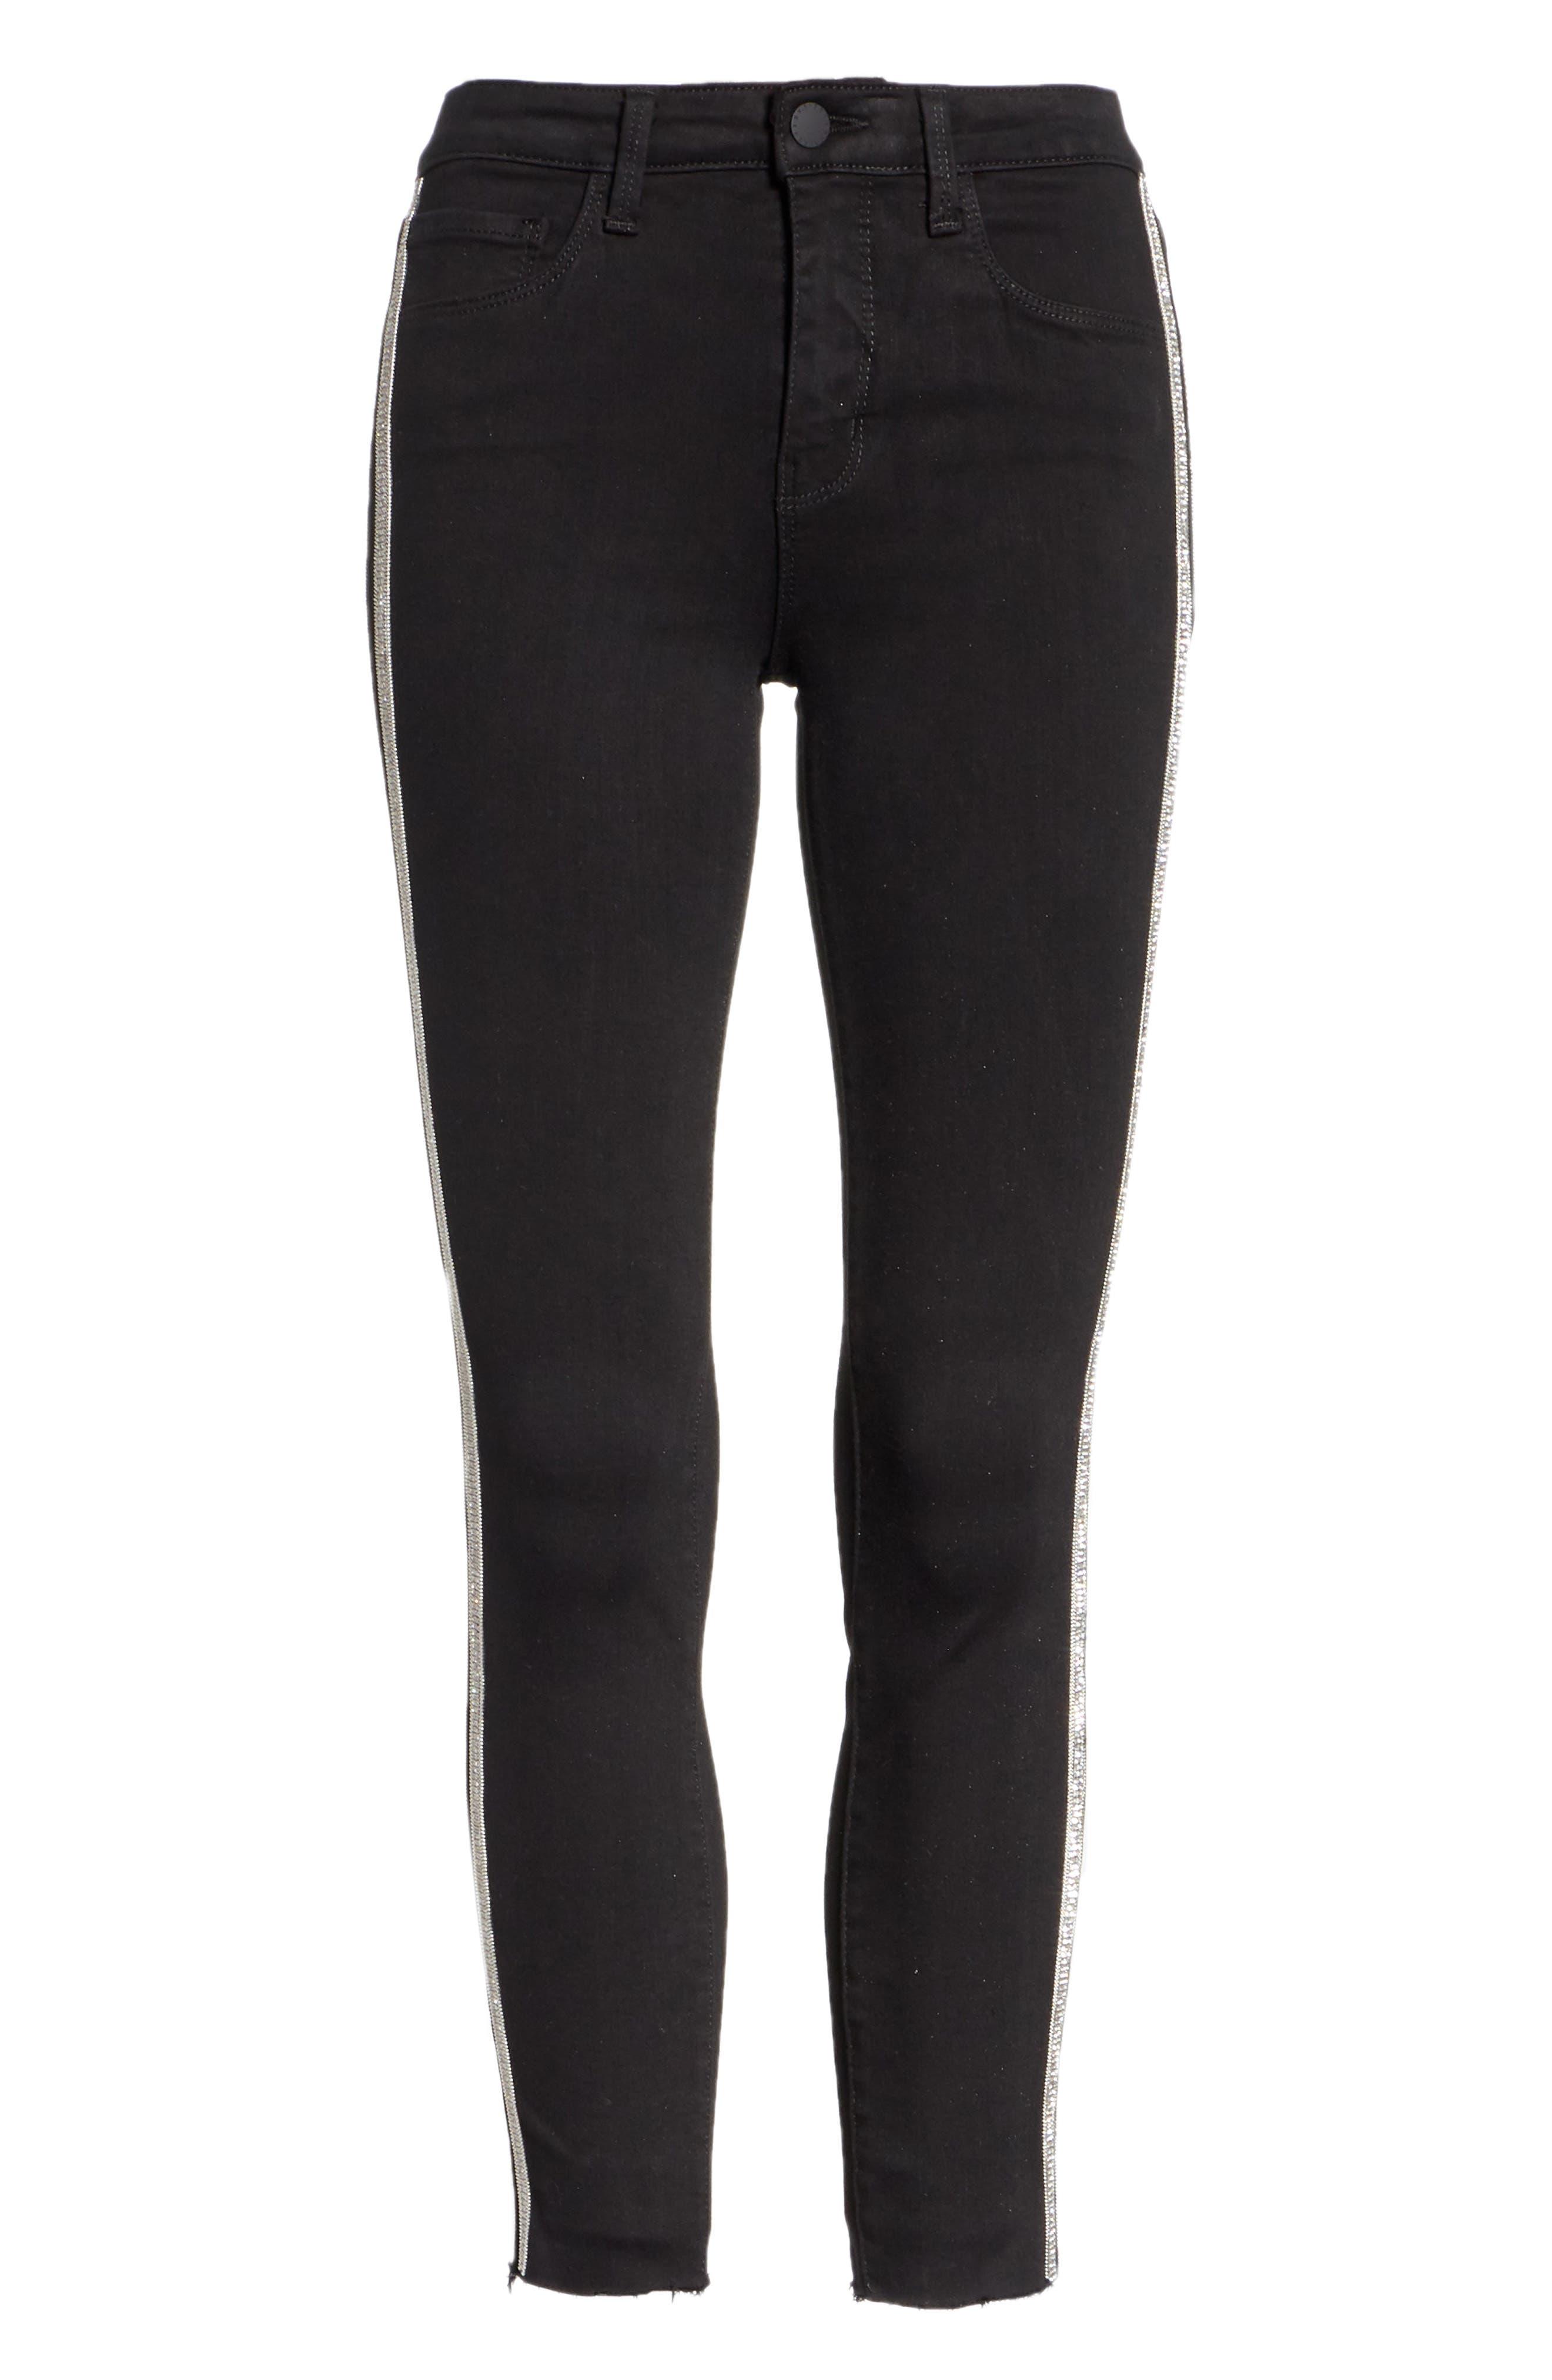 L'AGENCE,                             Margot Embellished Side Stripe Crop Skinny Jeans,                             Alternate thumbnail 6, color,                             NOIR